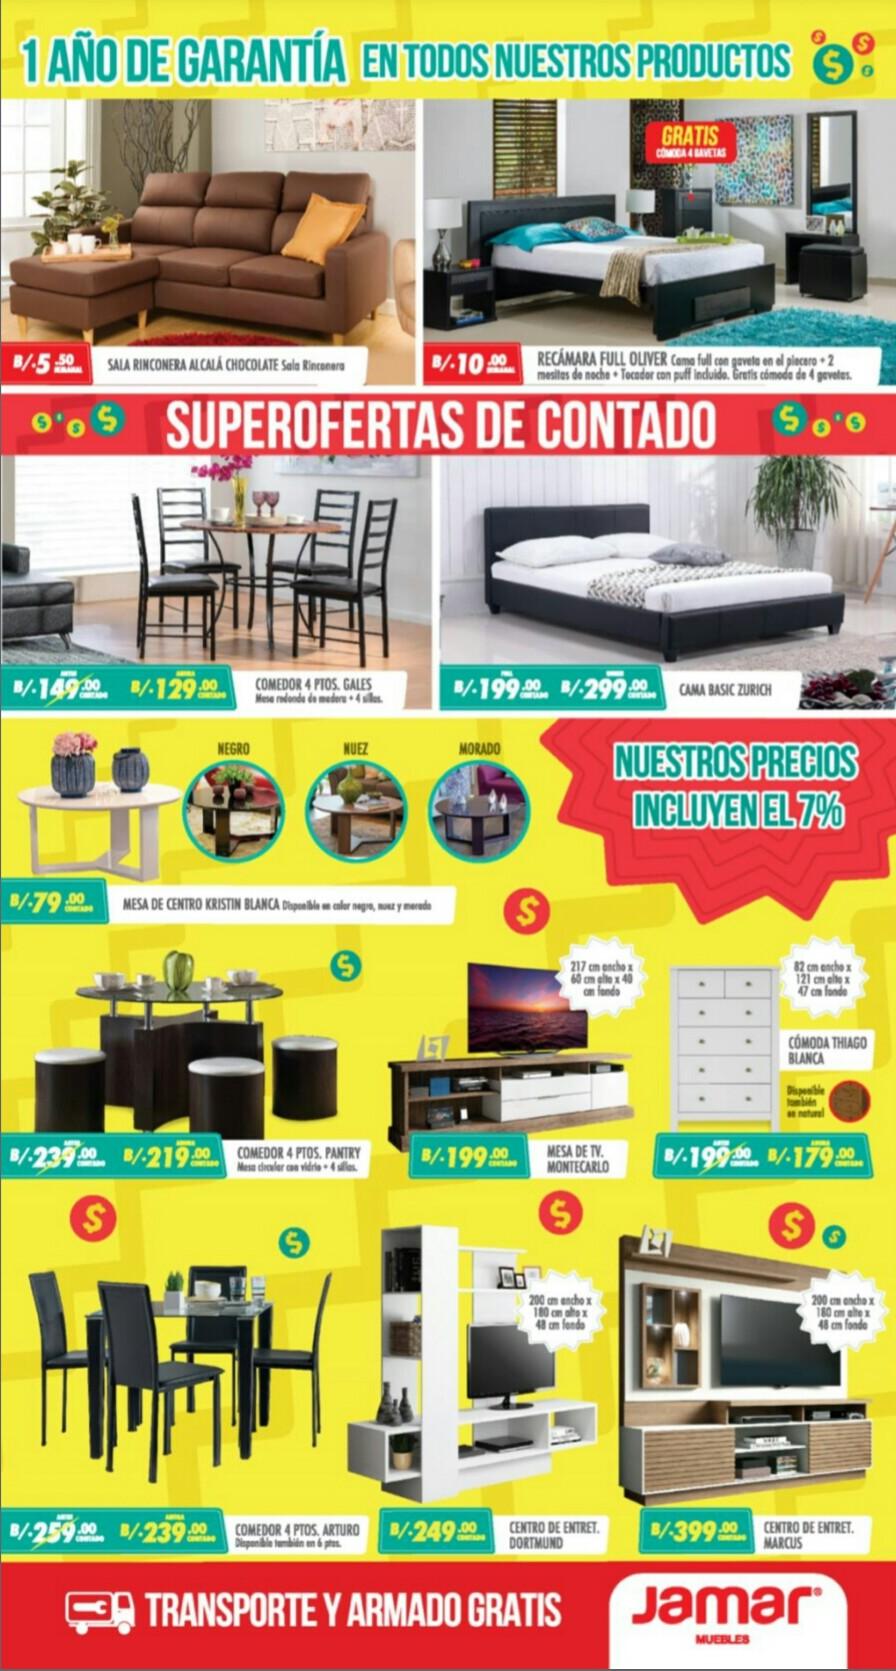 Catálogo Jamar Enero - Febrero año 2019 página 3